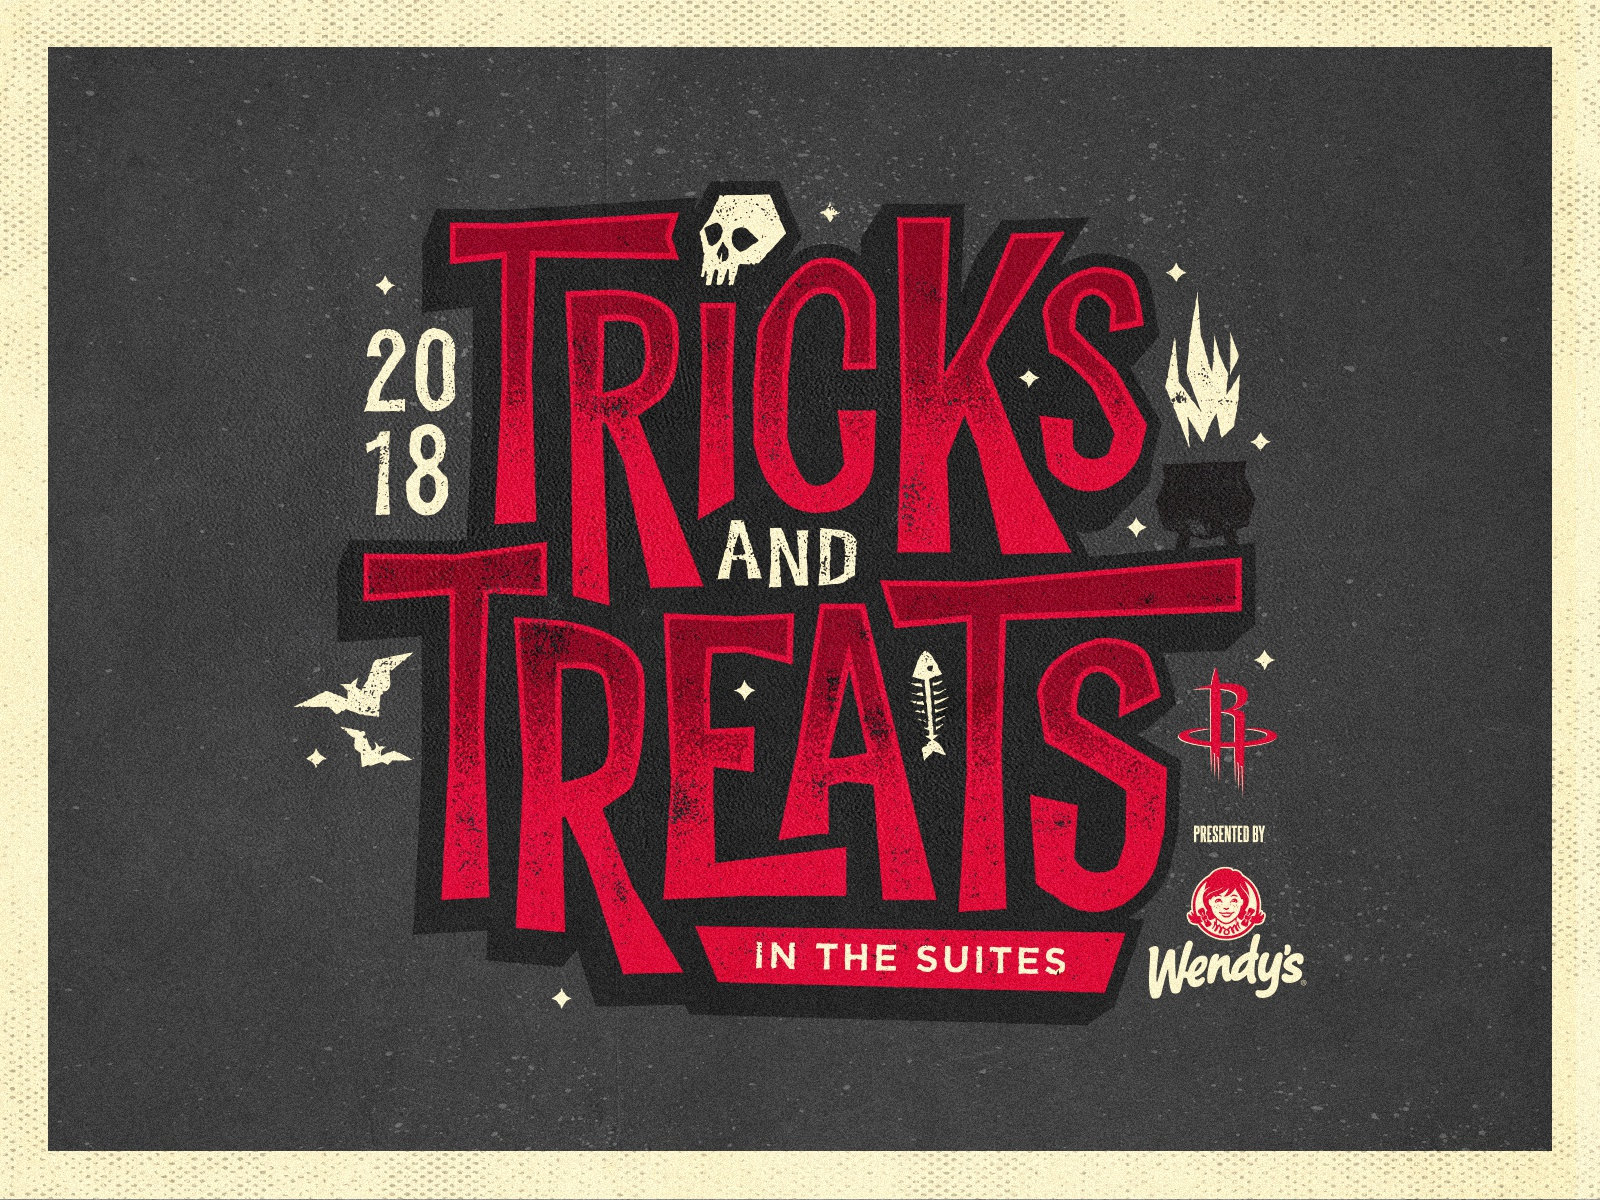 Tricks n treats 2